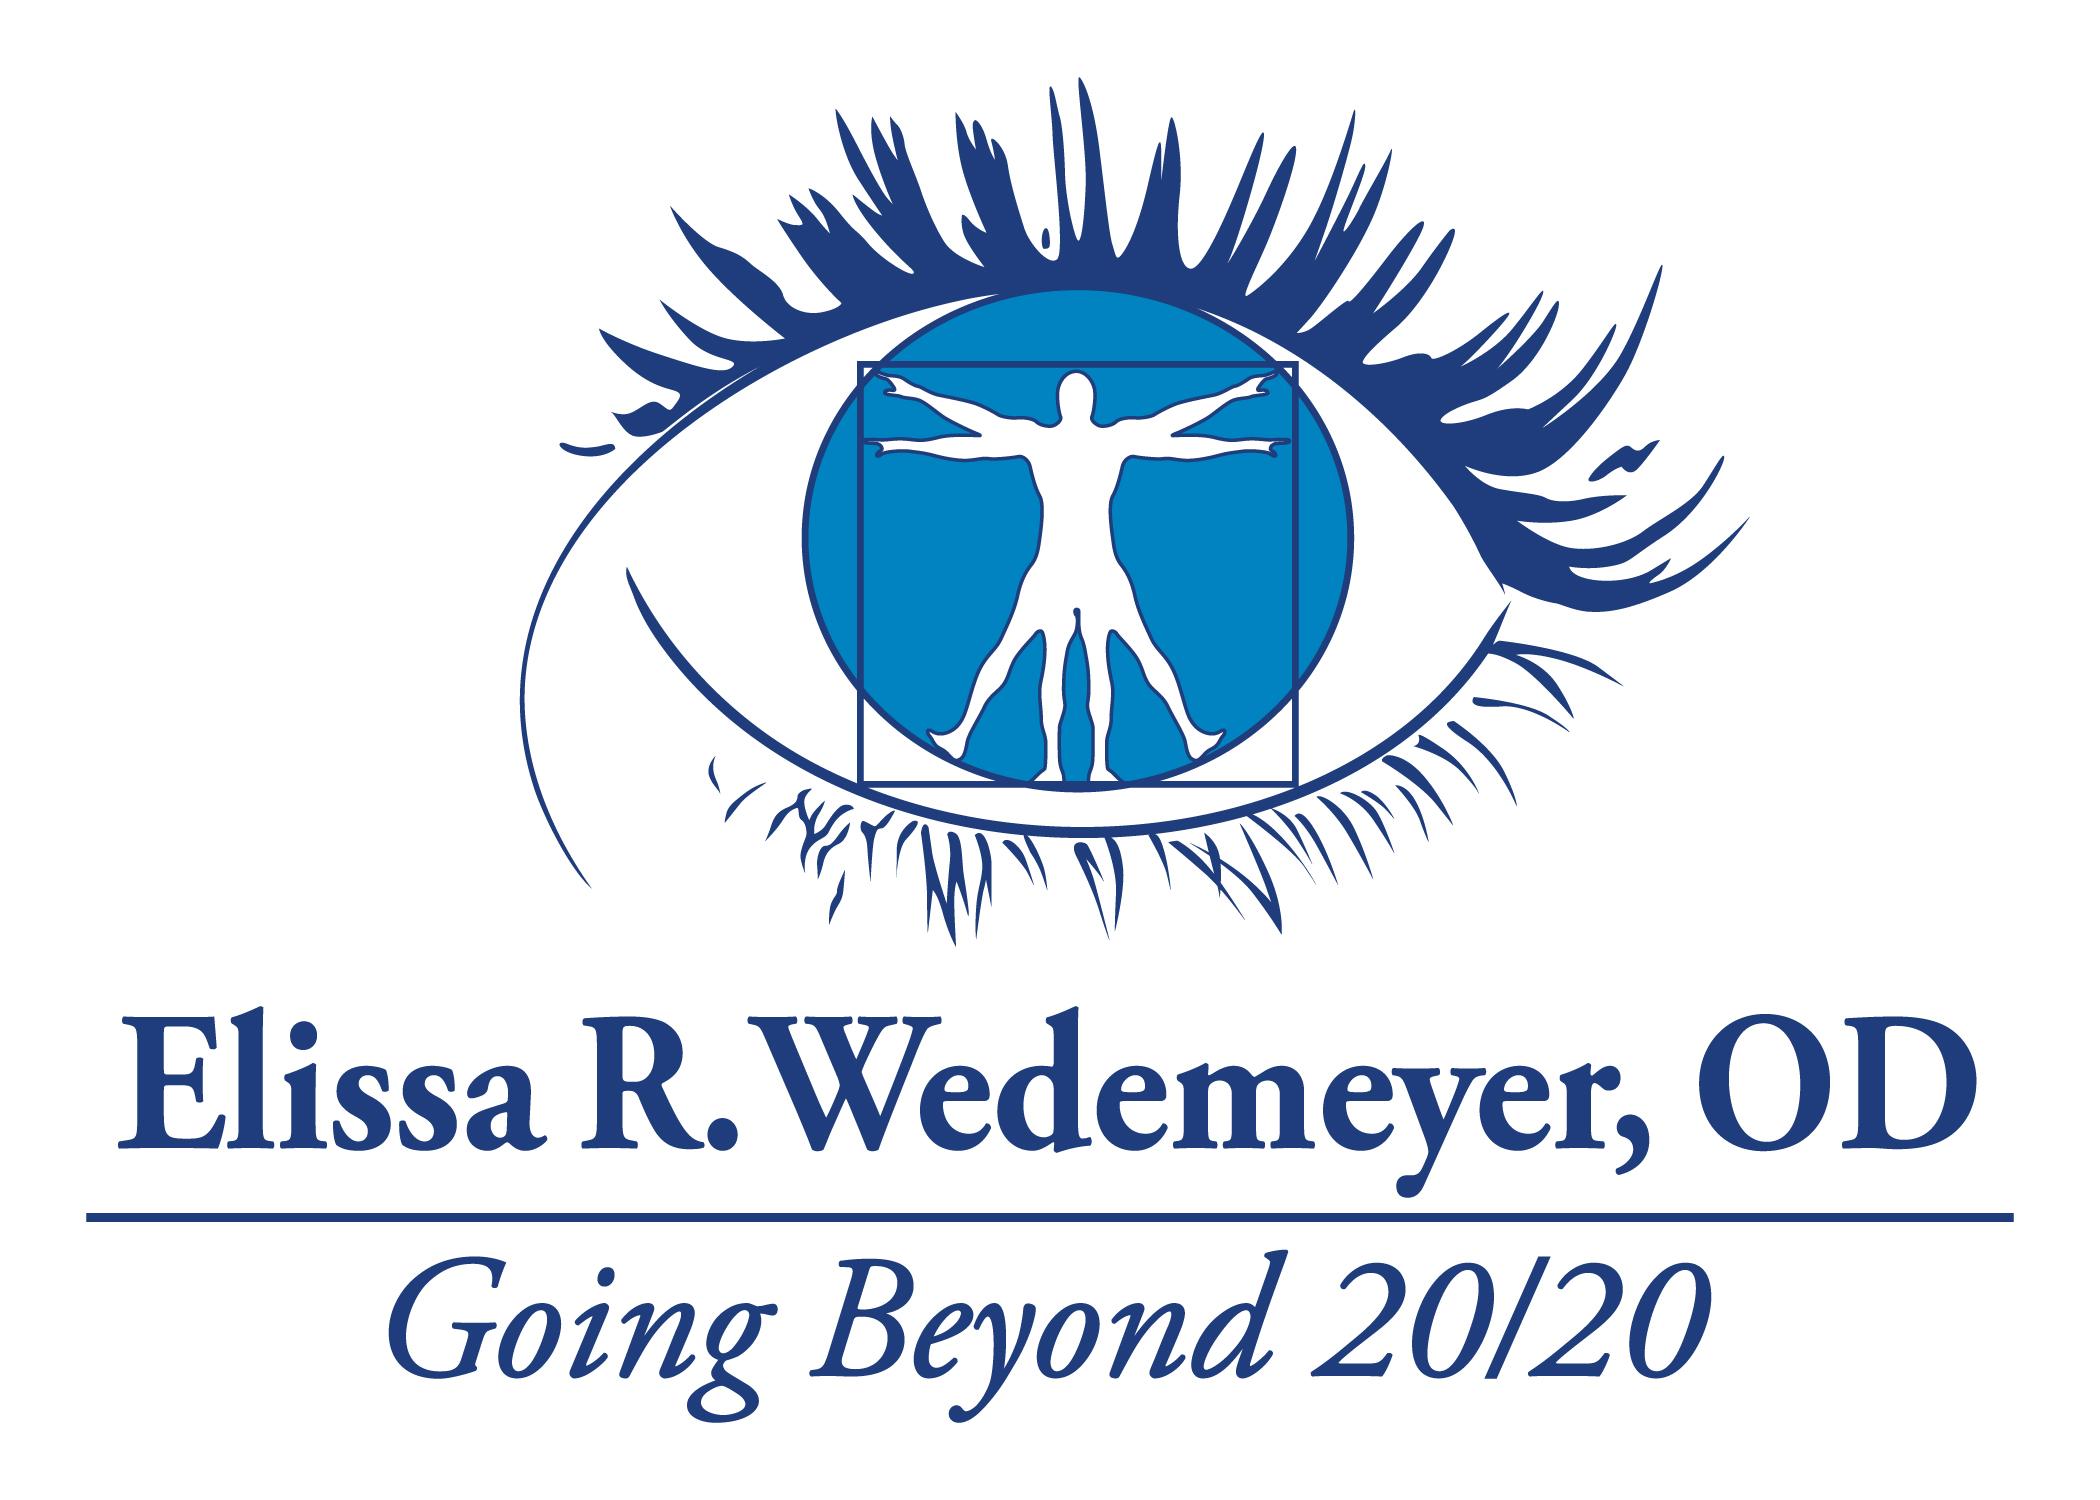 Elissa R. Wedemeyer,OD Logo